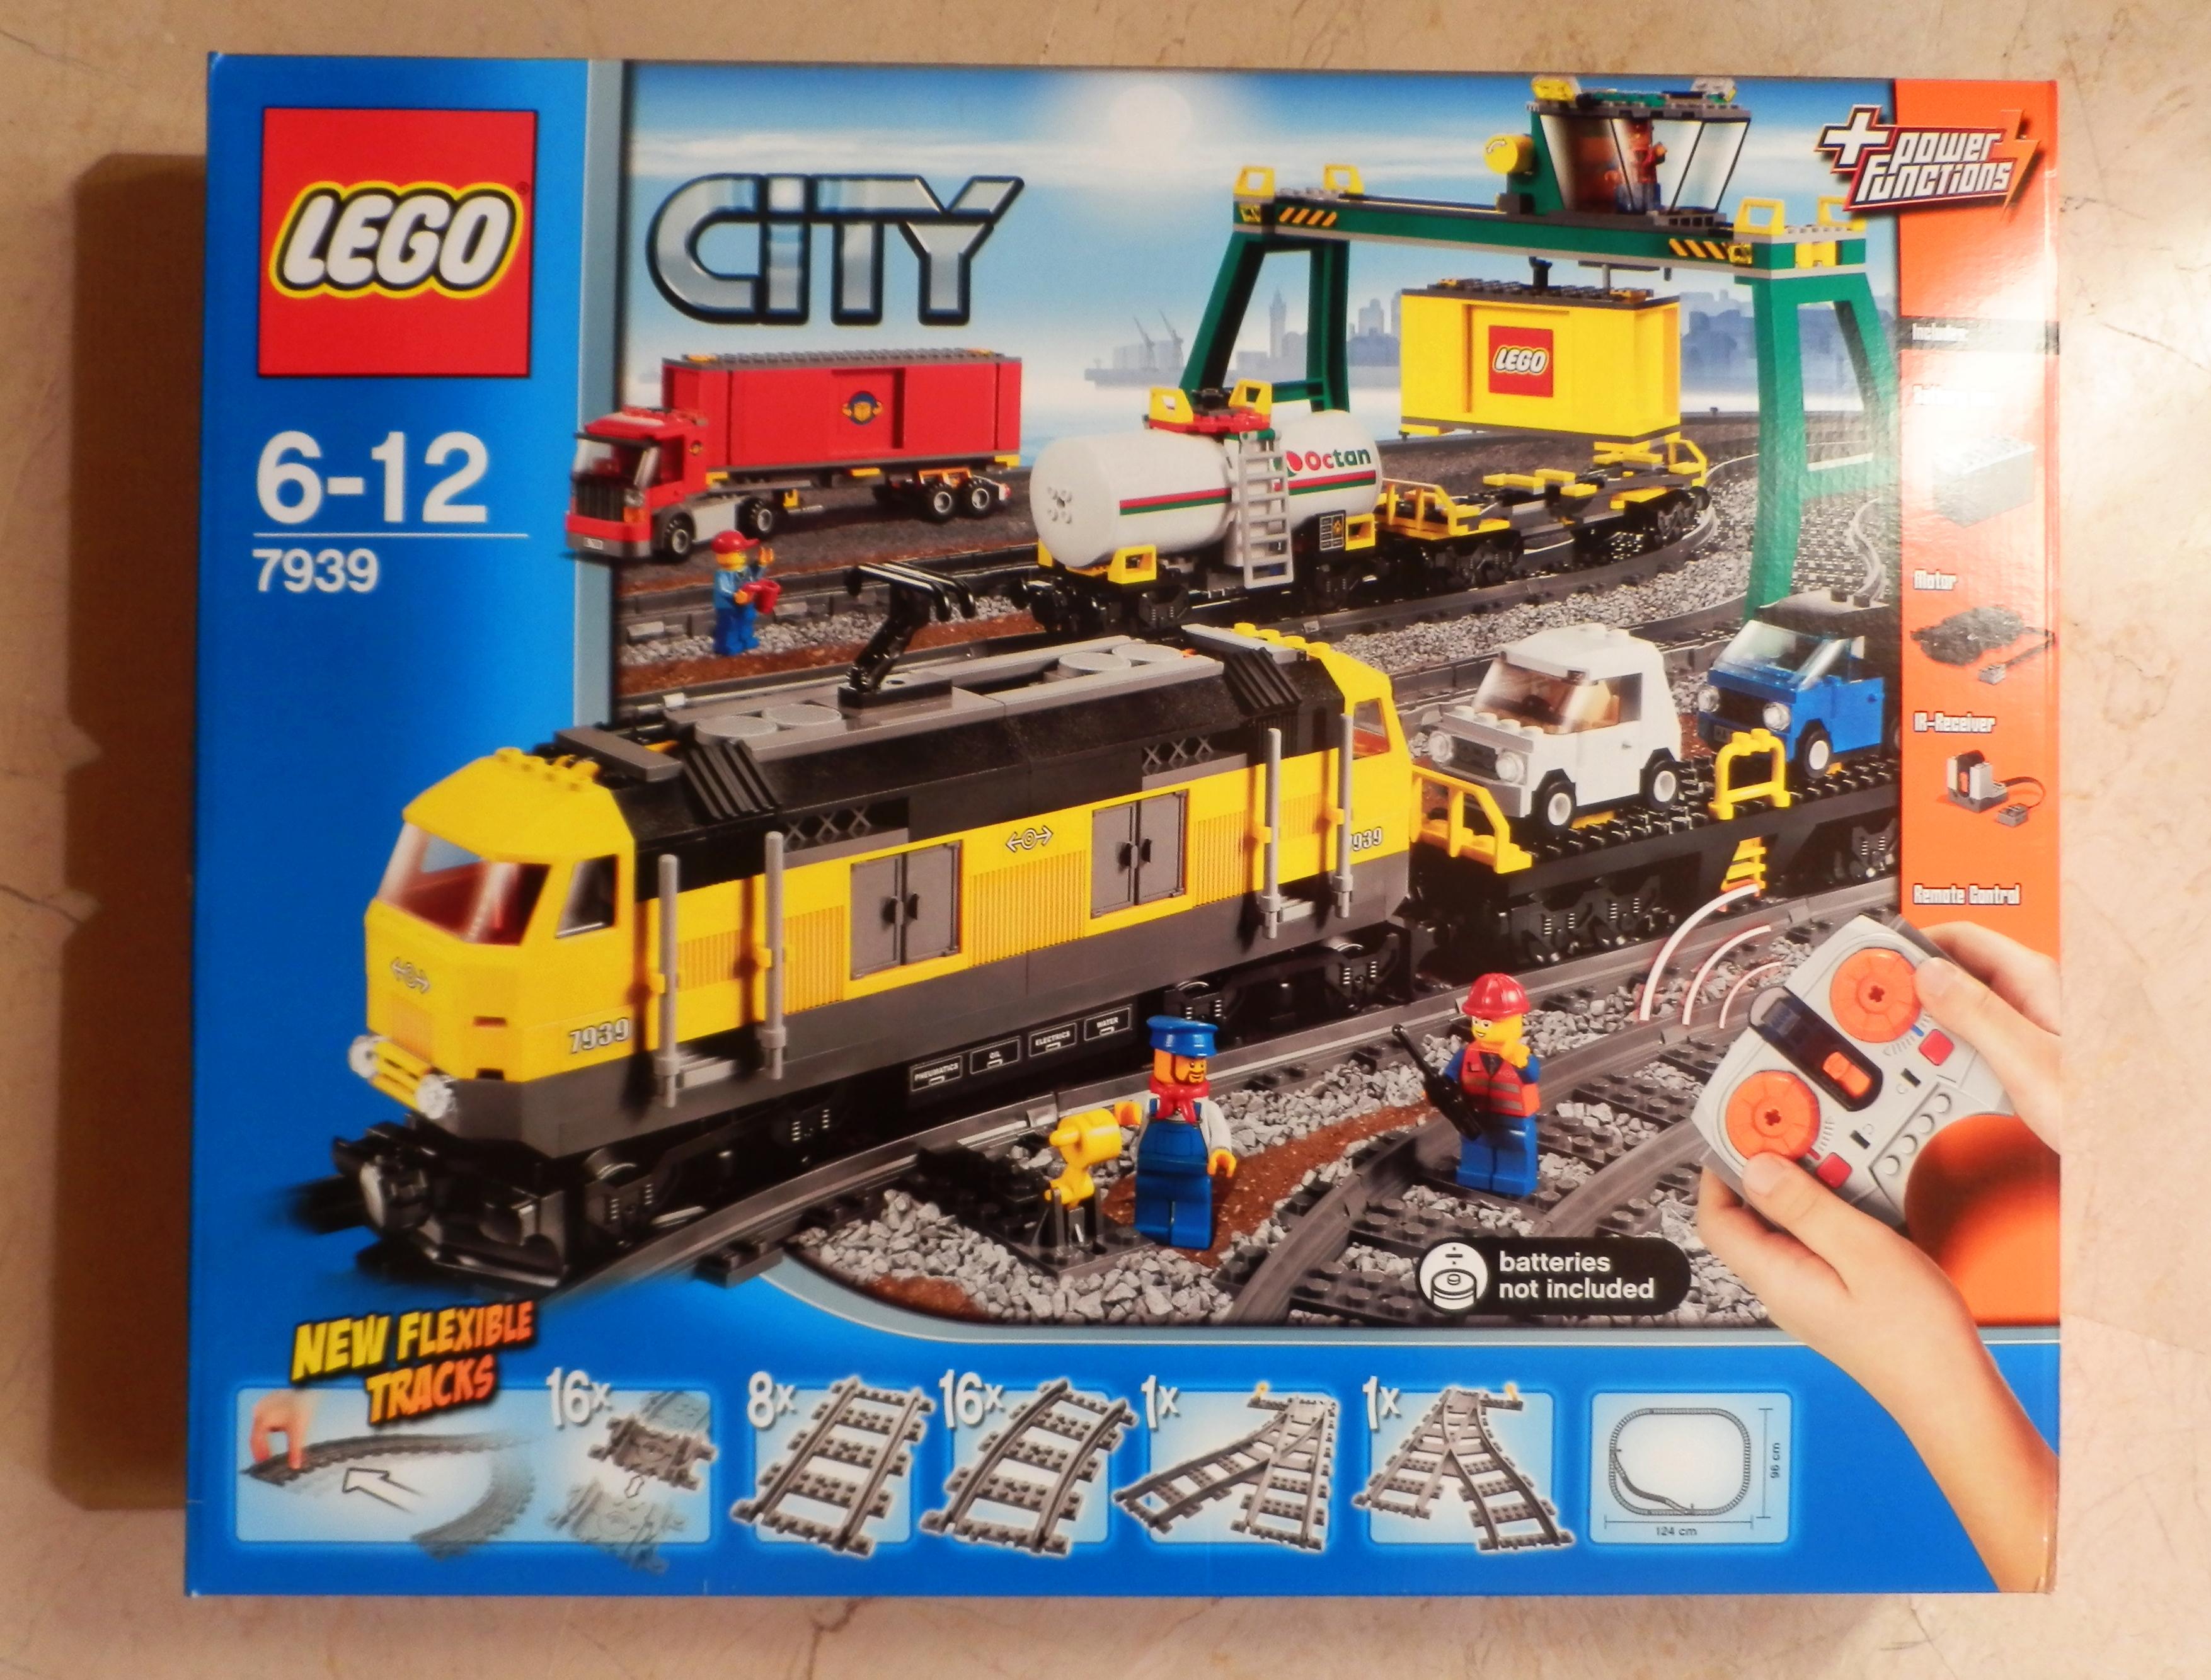 Lego 7939 Cargo Train Review Lego Reviews Videos